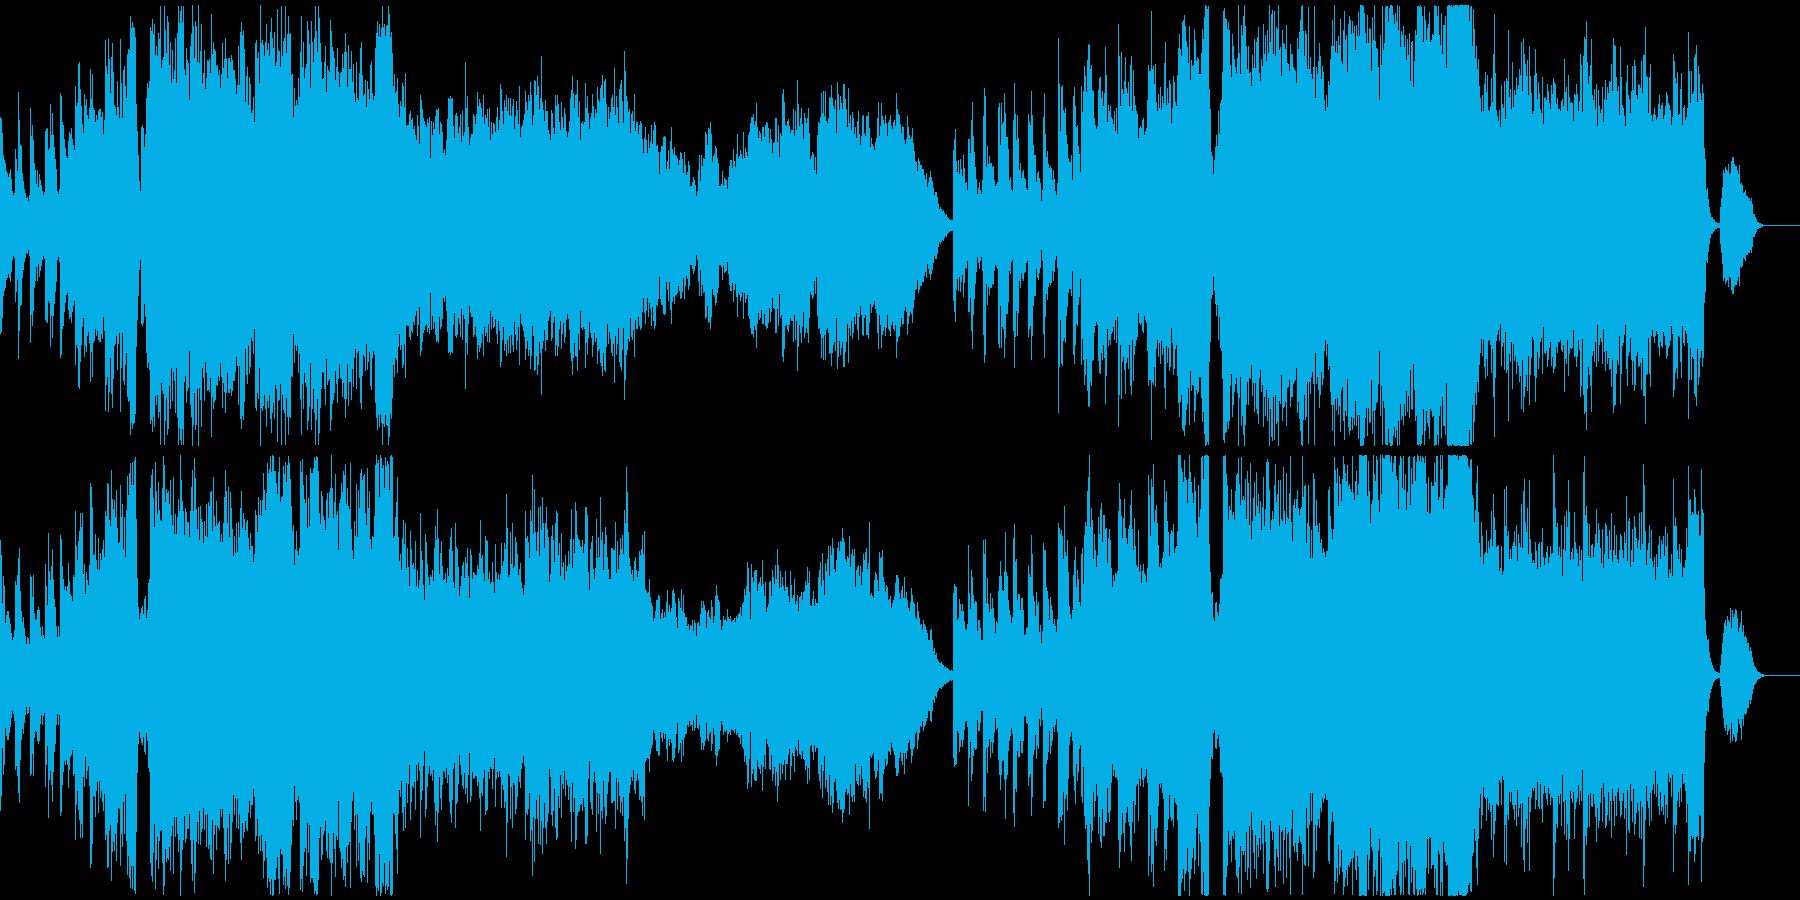 壮大で希望を感じる雰囲気のBGMの再生済みの波形